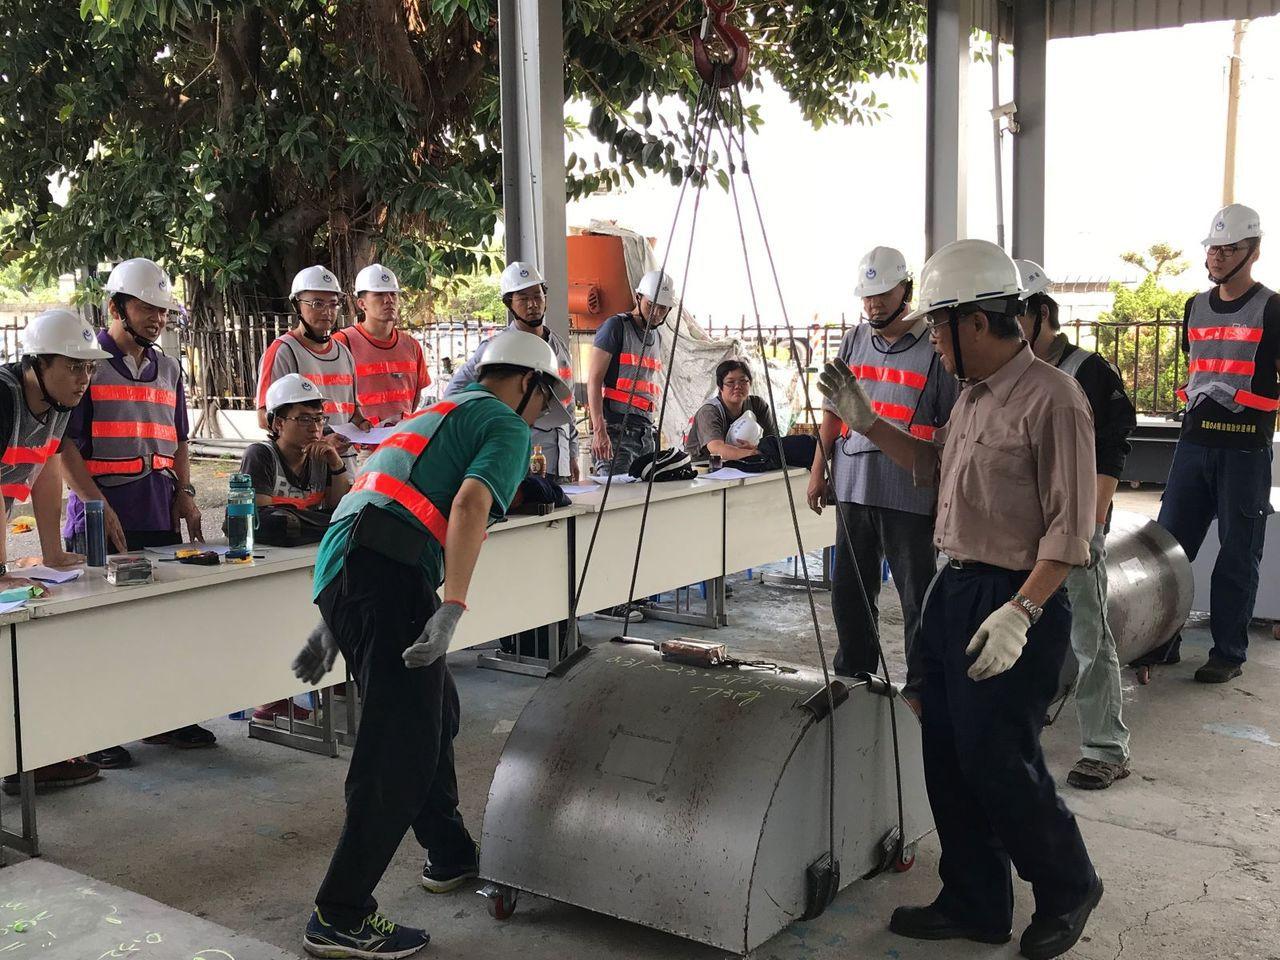 高雄市勞工局訓練就業中心吊掛操作班上課情形。圖/高雄市勞工局提供